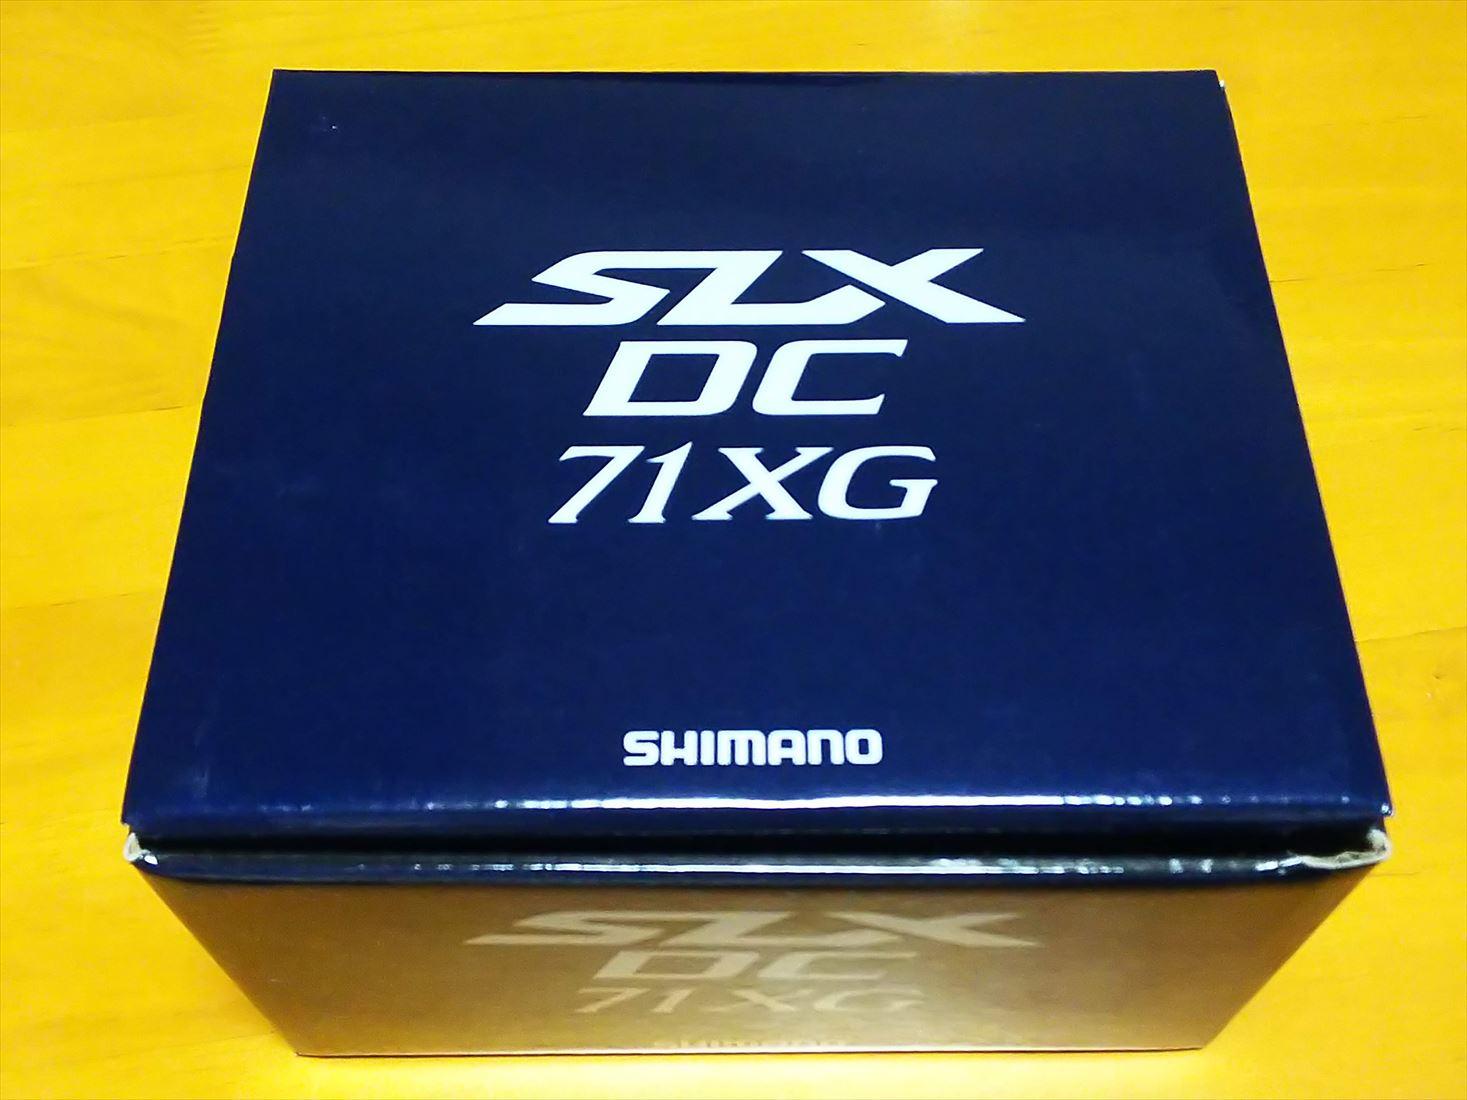 SLX DCが届いたのでMGLと違いを比較、レビューする